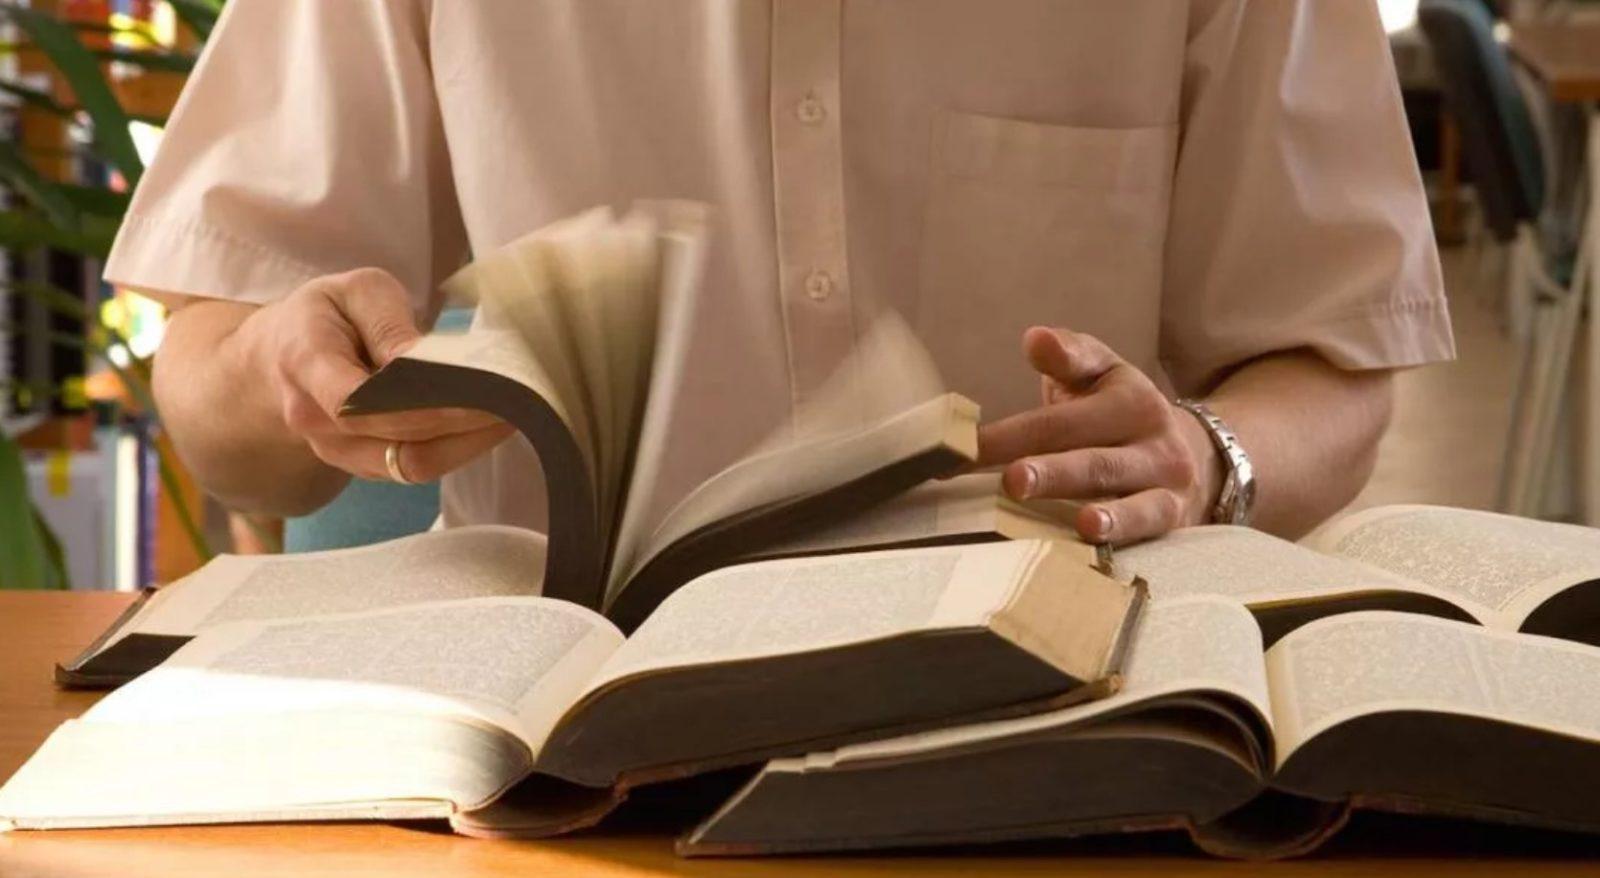 Как научиться быстро читать: простые упражнения